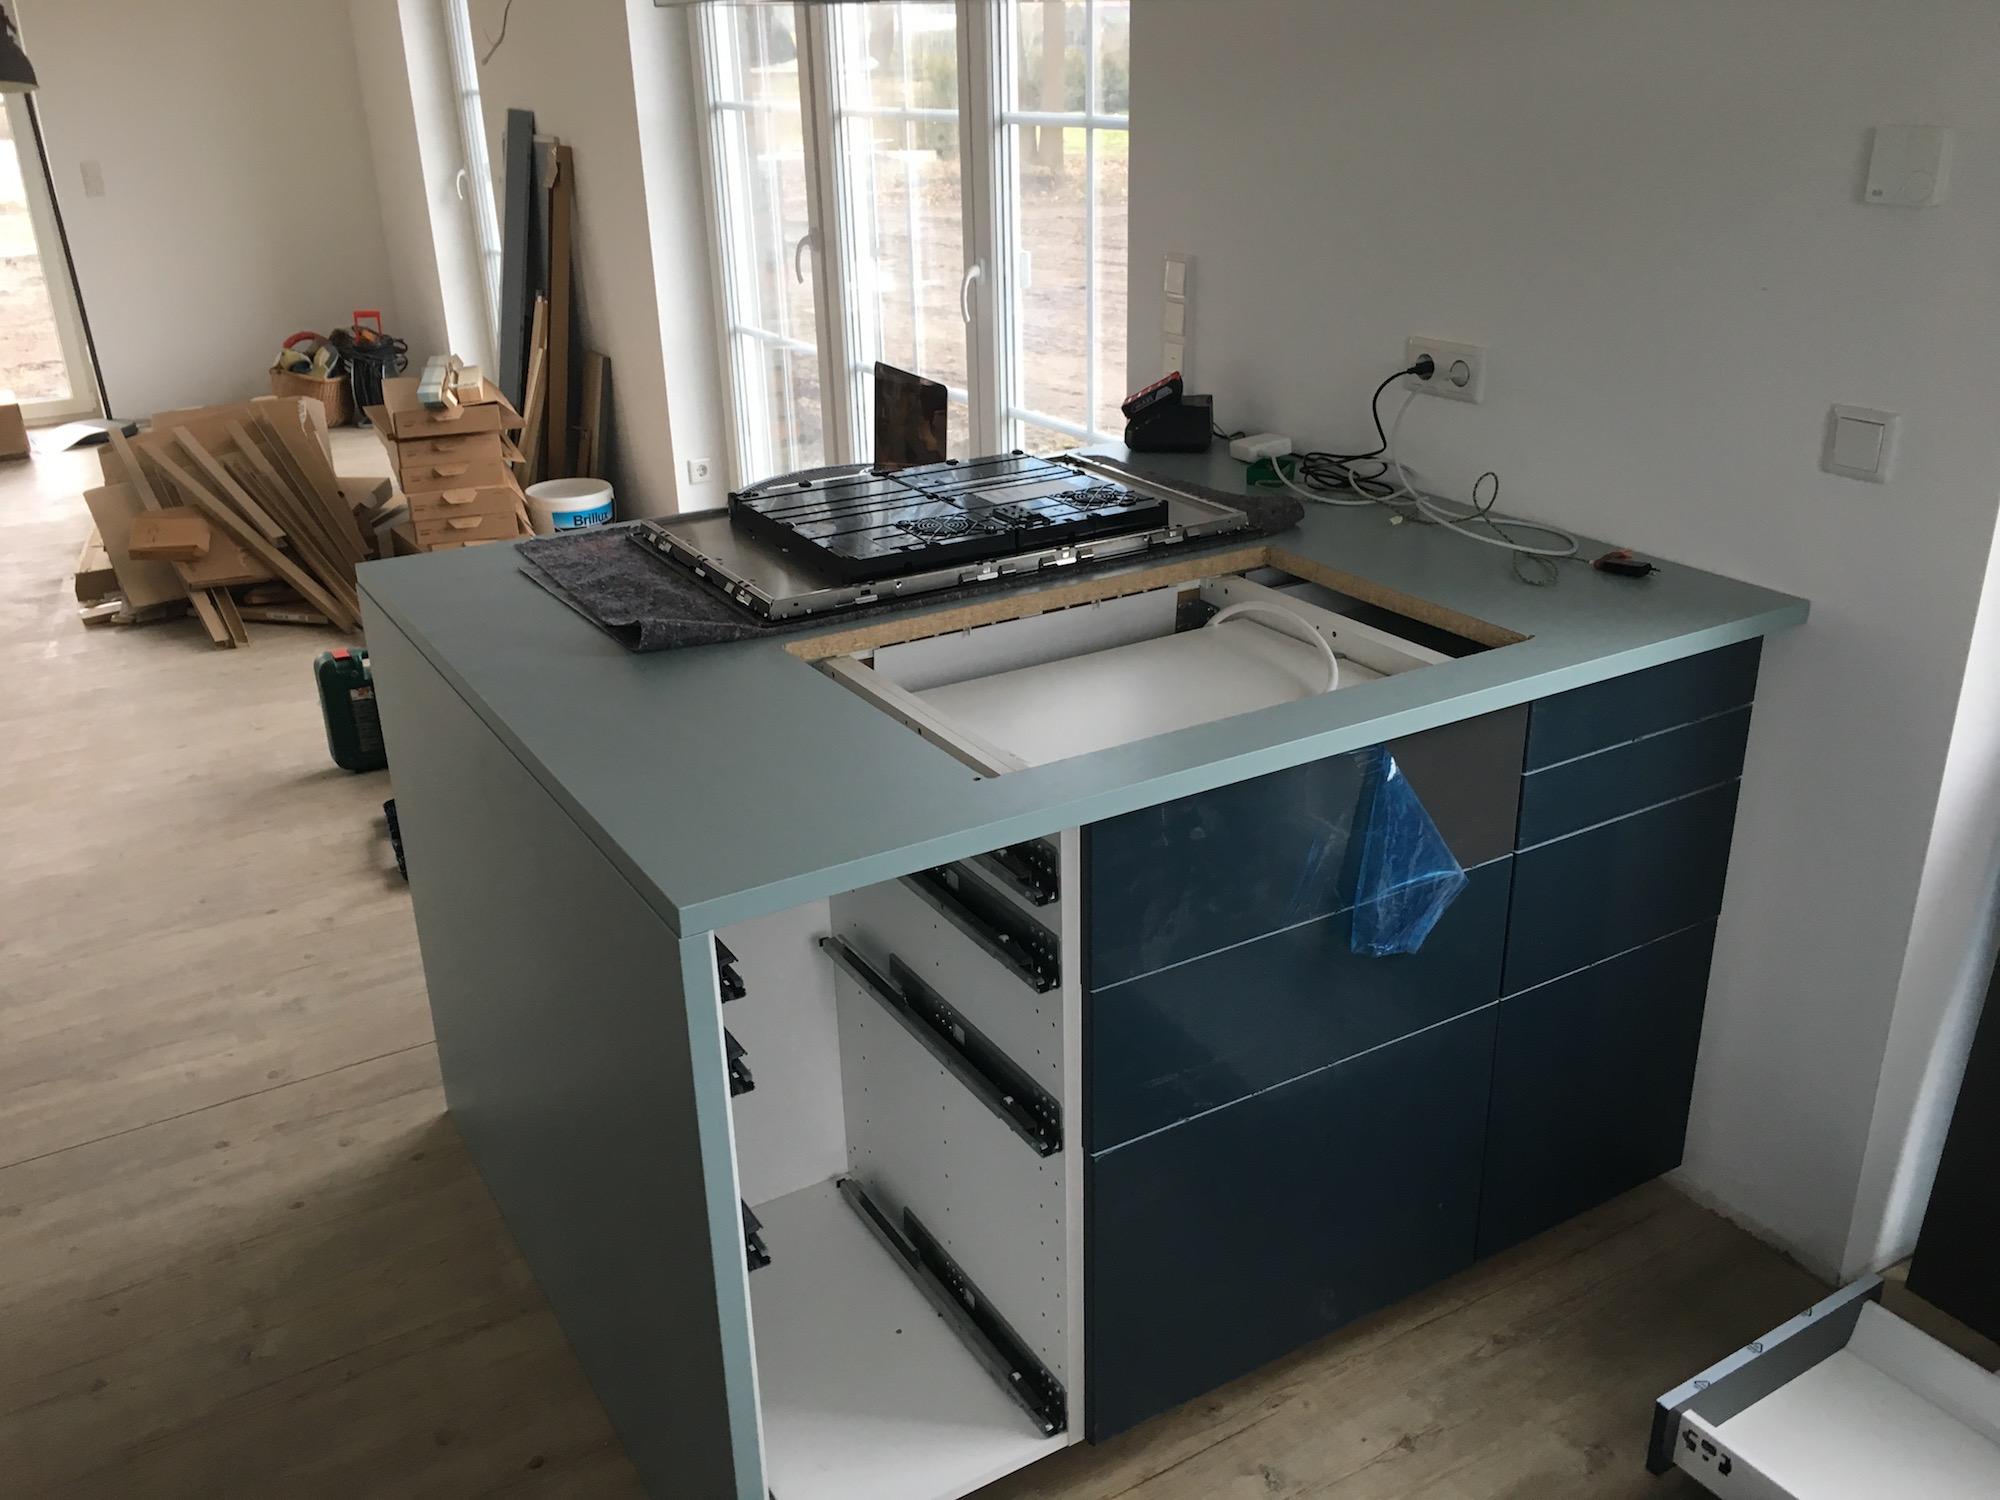 Full Size of Ikea Kücheninsel War So Eine Halb Gute Idee Wir Bauen Ein Miniküche Sofa Mit Schlaffunktion Küche Kosten Betten 160x200 Kaufen Bei Modulküche Wohnzimmer Ikea Kücheninsel